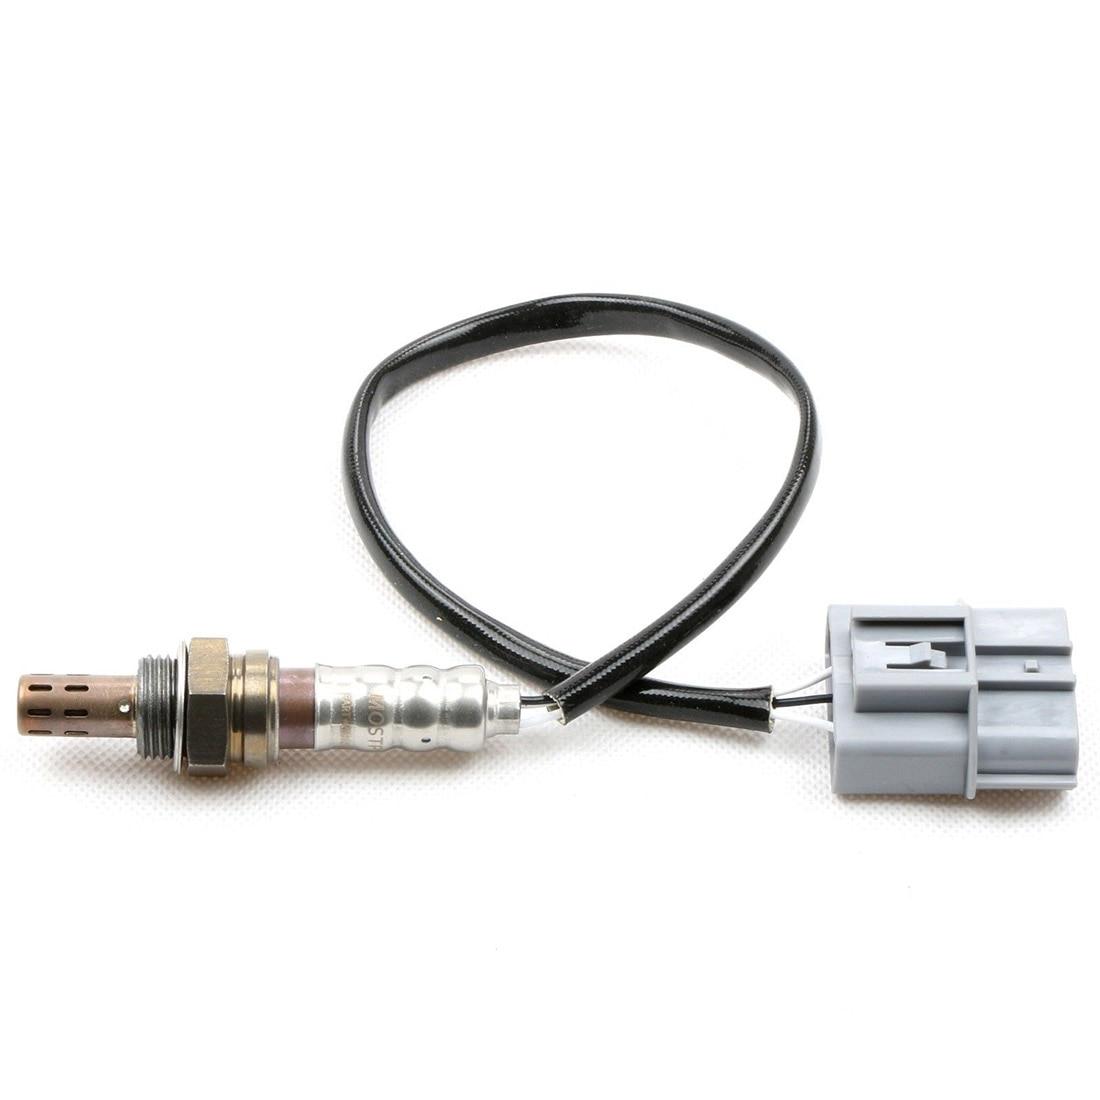 Oxygen Sensor O2 Upstream For Nissan Sentra Maxima Frontier 234-3109 15466Oxygen Sensor O2 Upstream For Nissan Sentra Maxima Frontier 234-3109 15466